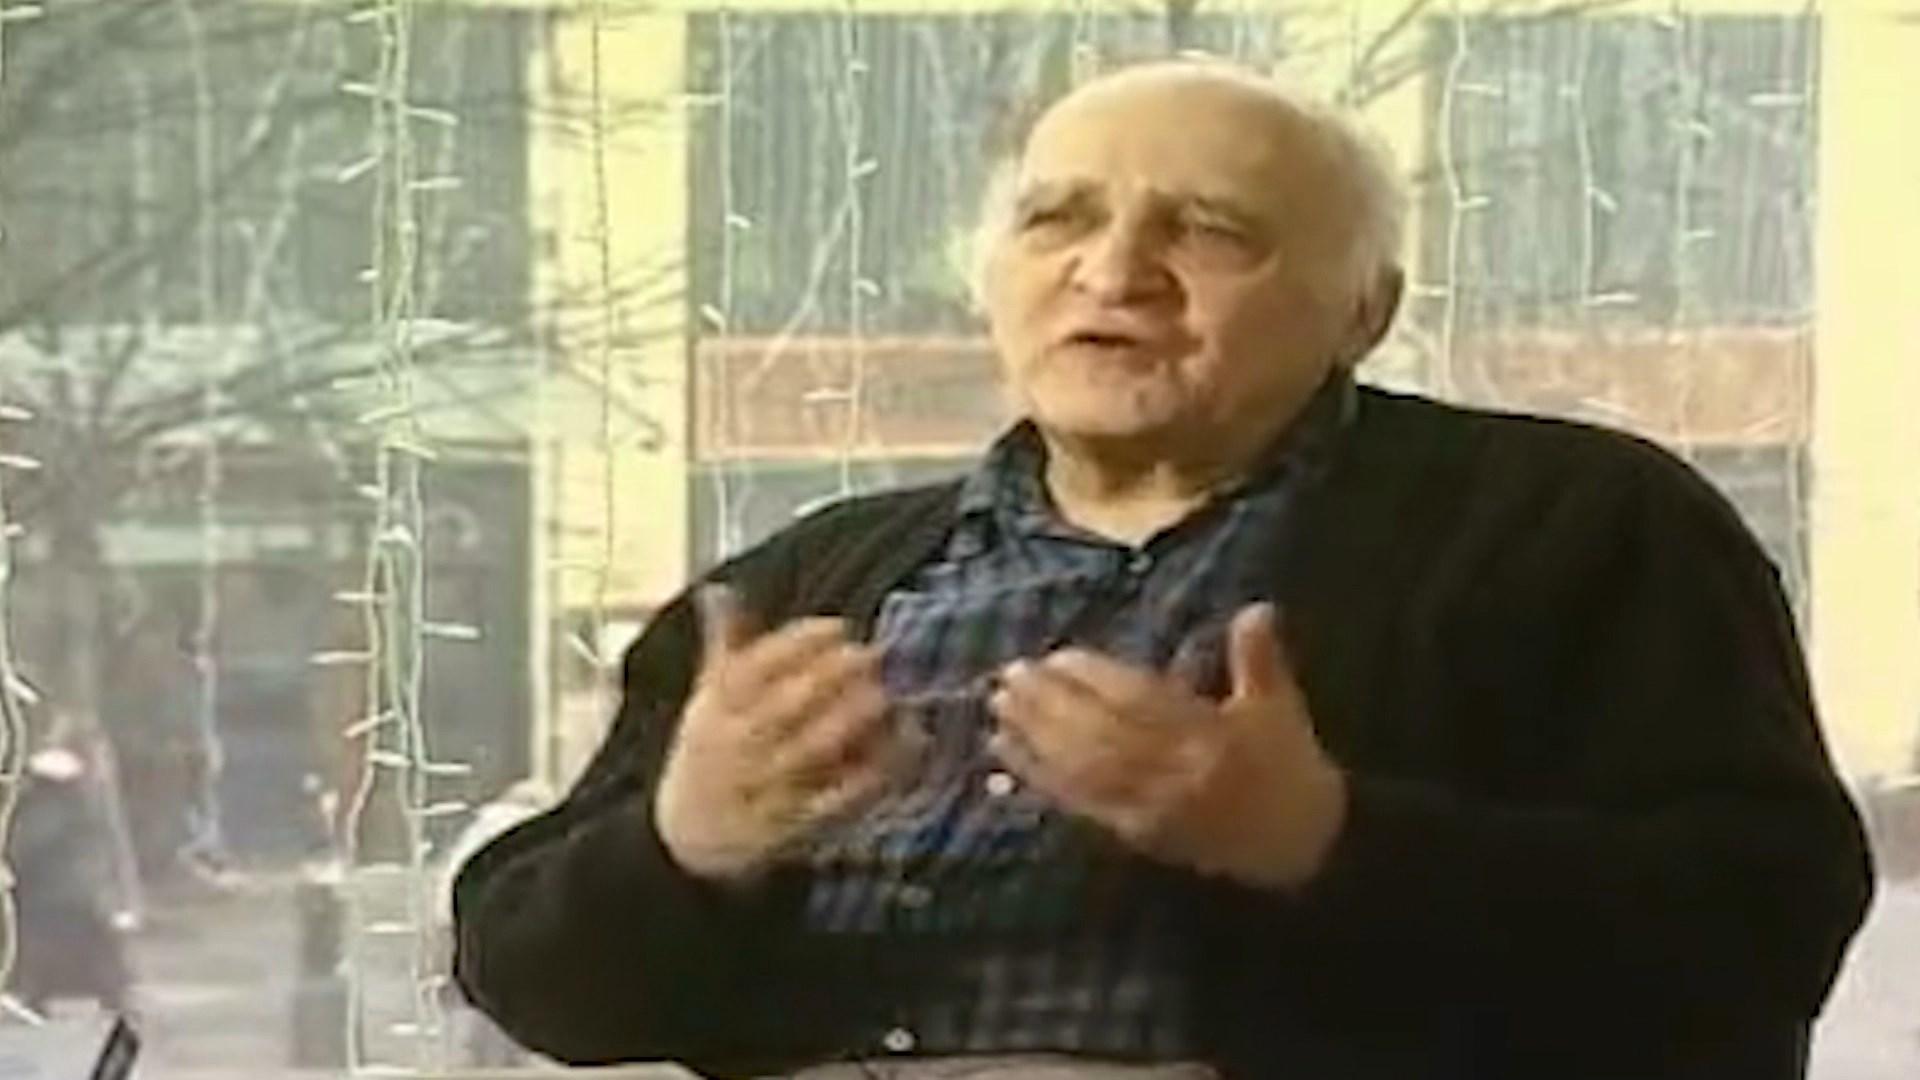 Shkrimtari serb Filip David: Kosova nuk është kurrë pjesë e Serbisë